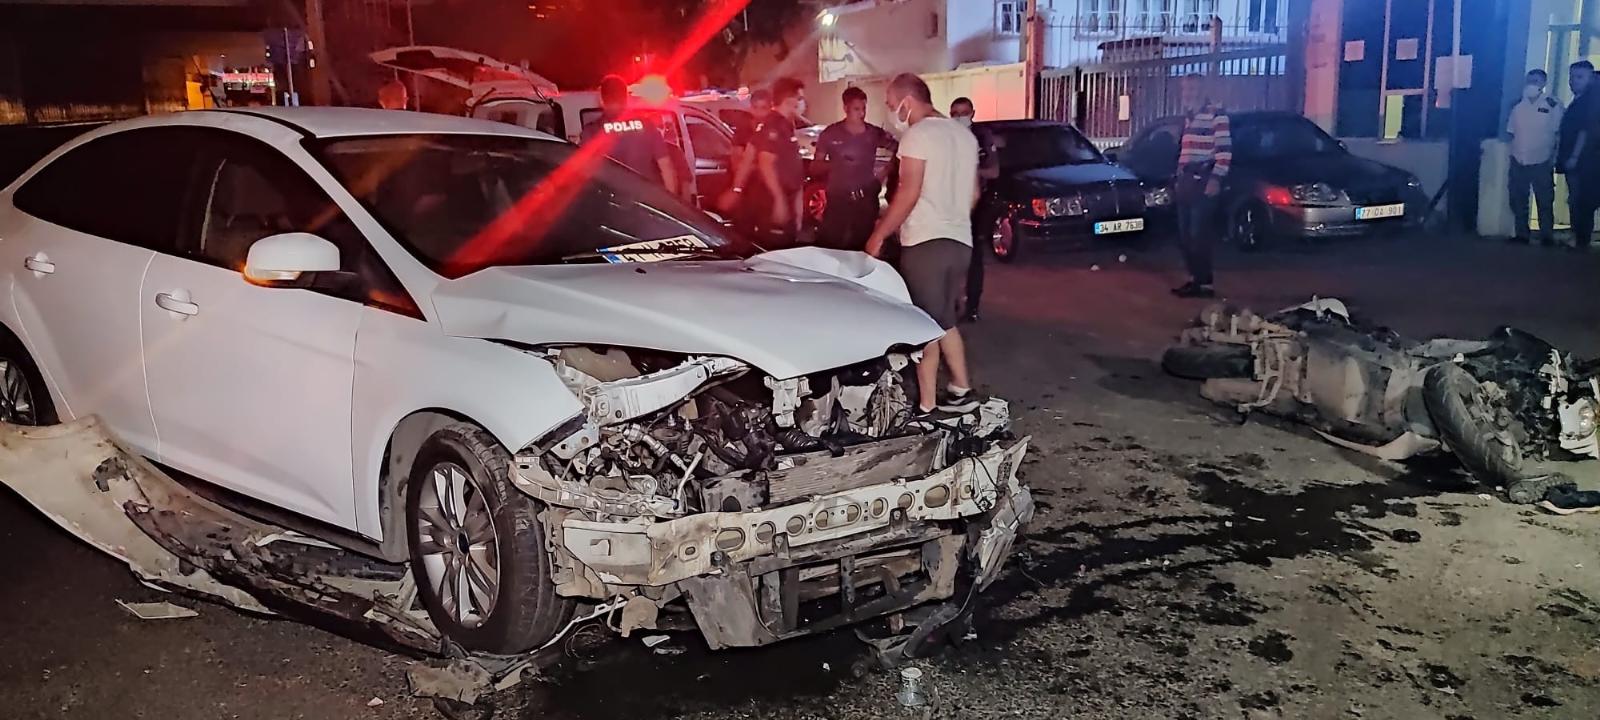 Gaziosmanpaşa'da Otomobil İle Motosiklet Çarpıştı: 1'i Ağır 2 Kişi Yaralandı